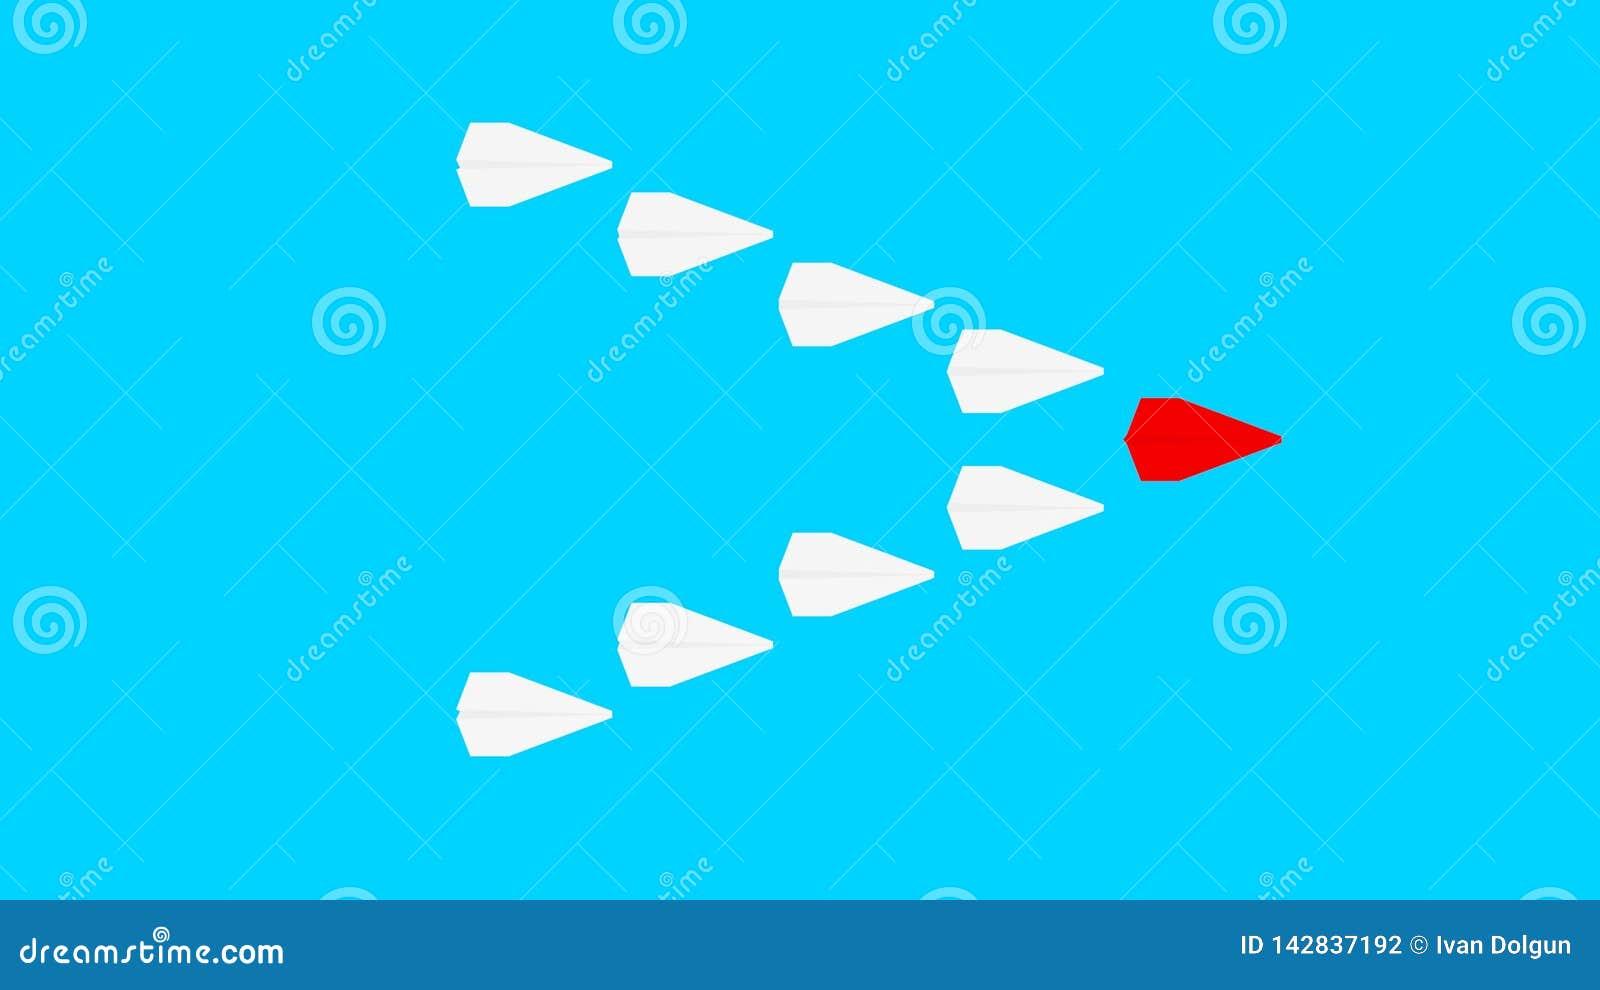 Rote Papierfläche und viele Weißbuchflächen auf Türkisblauhintergrund Führungs-, Teamwork- und Mutkonzept raster